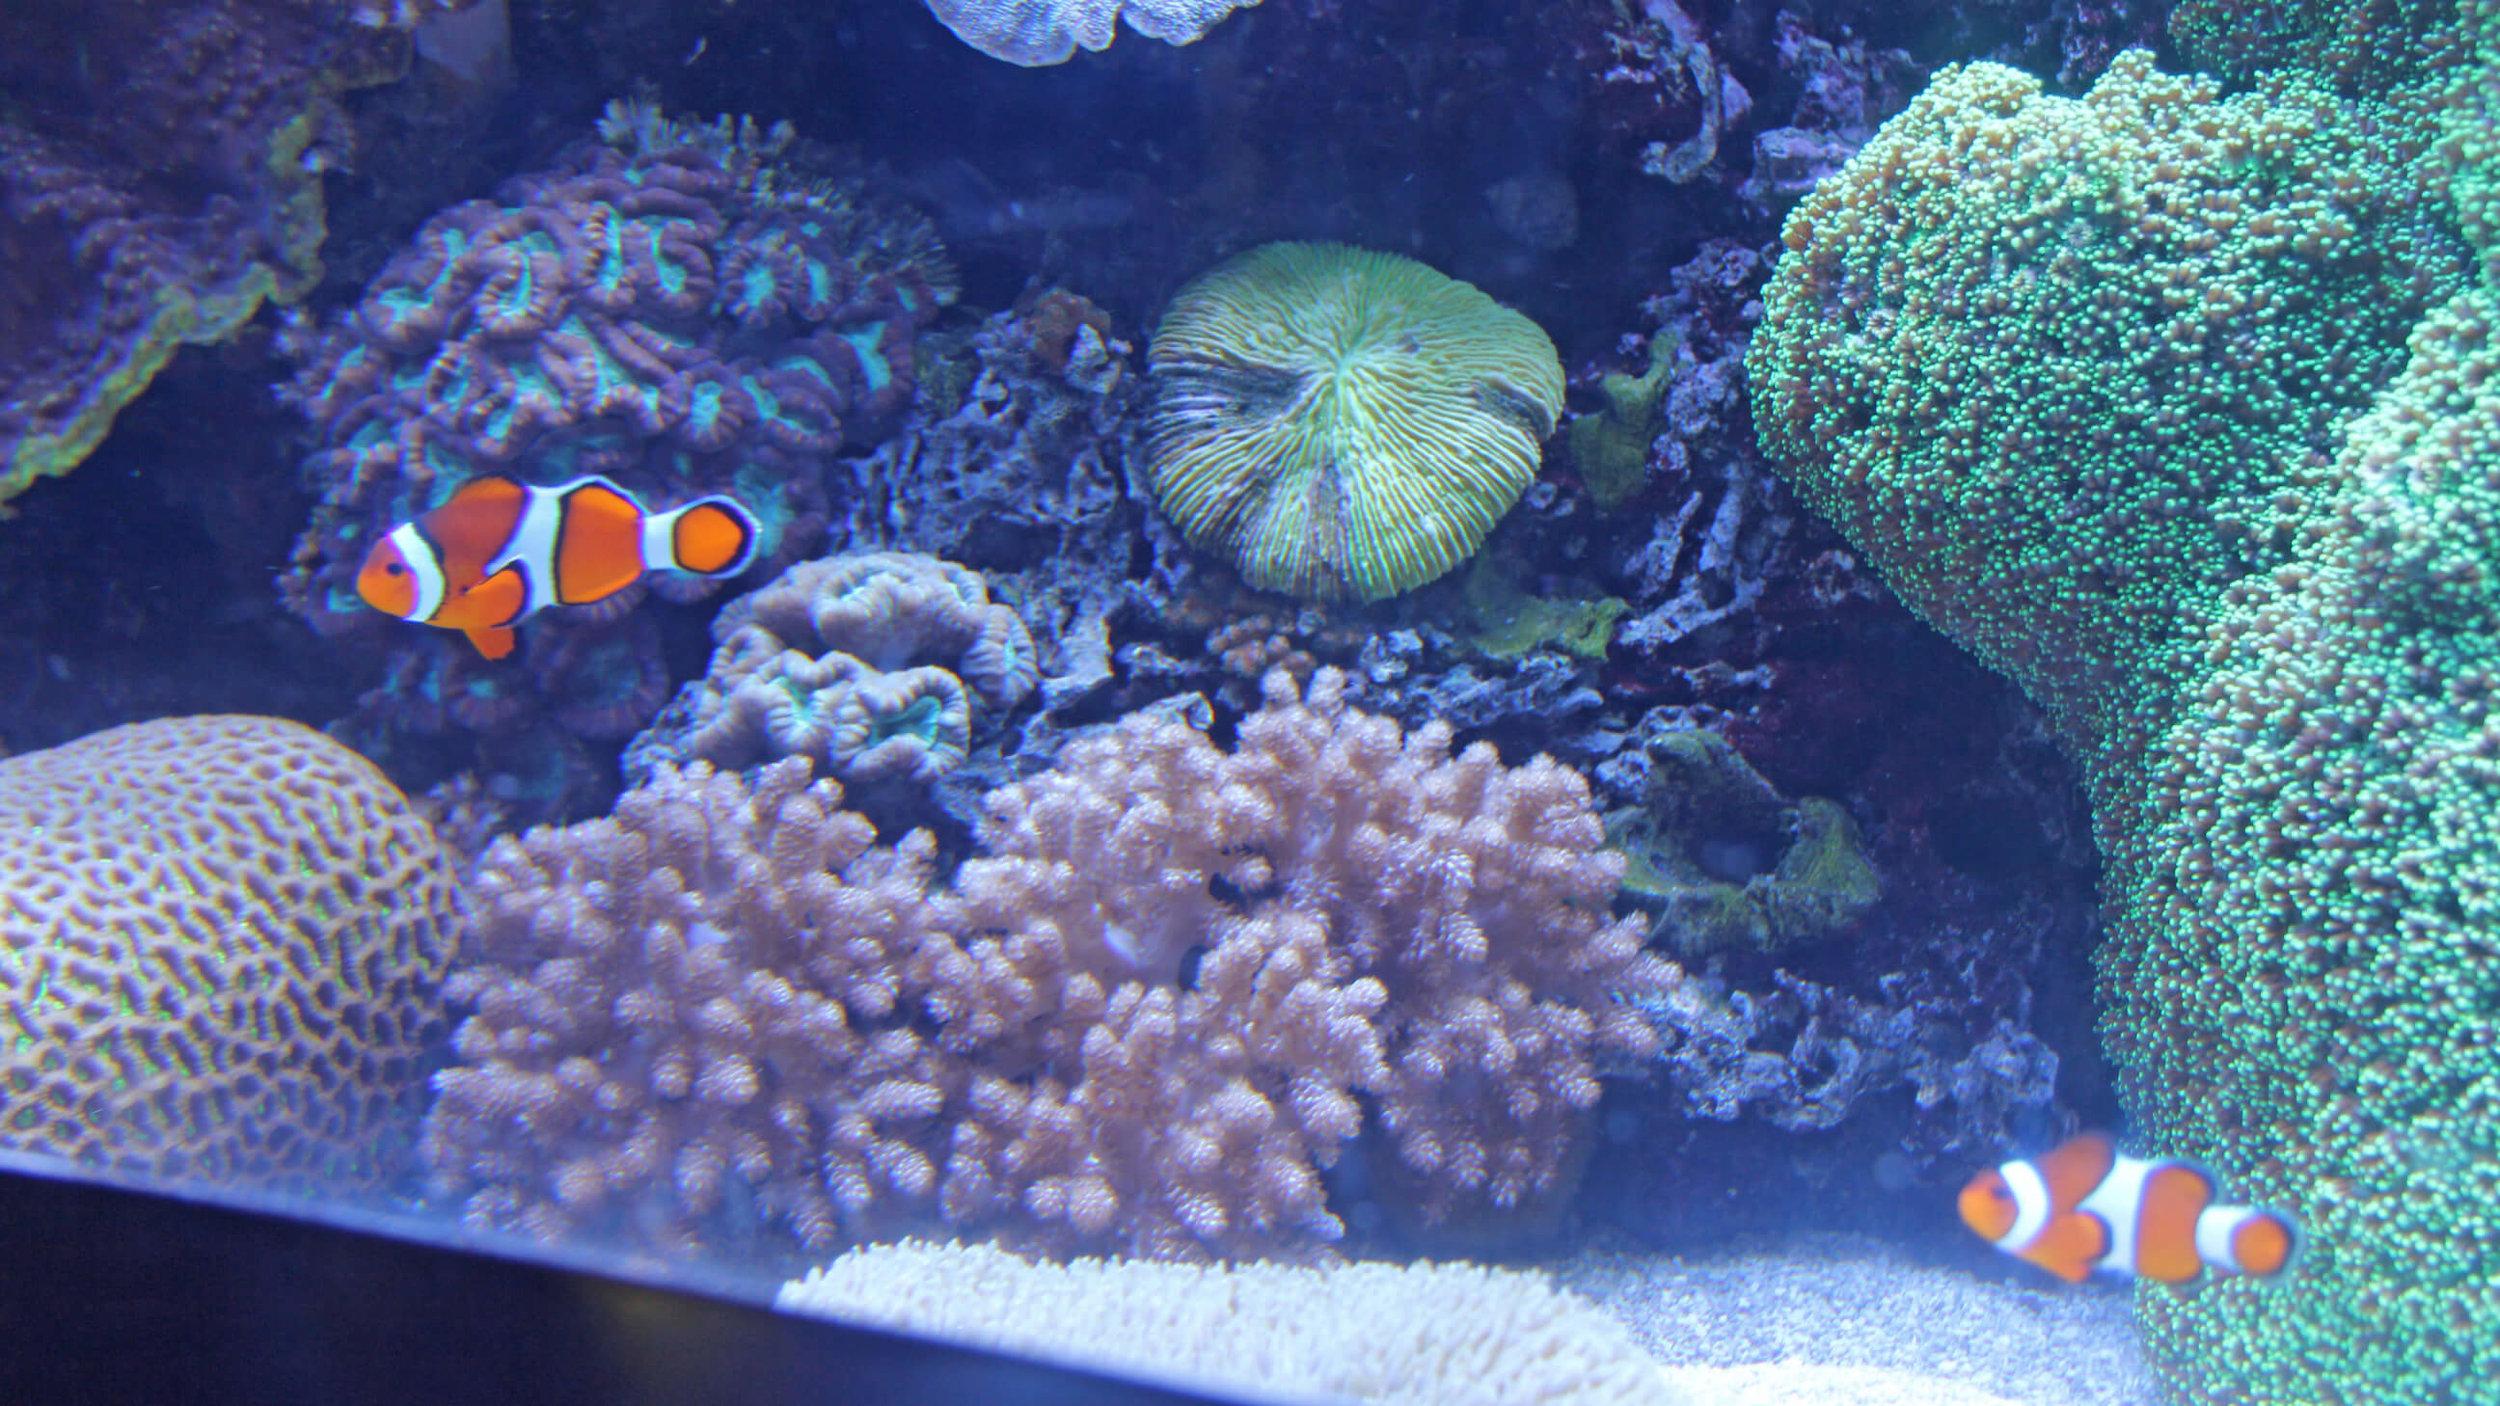 Aquarium_079.jpg